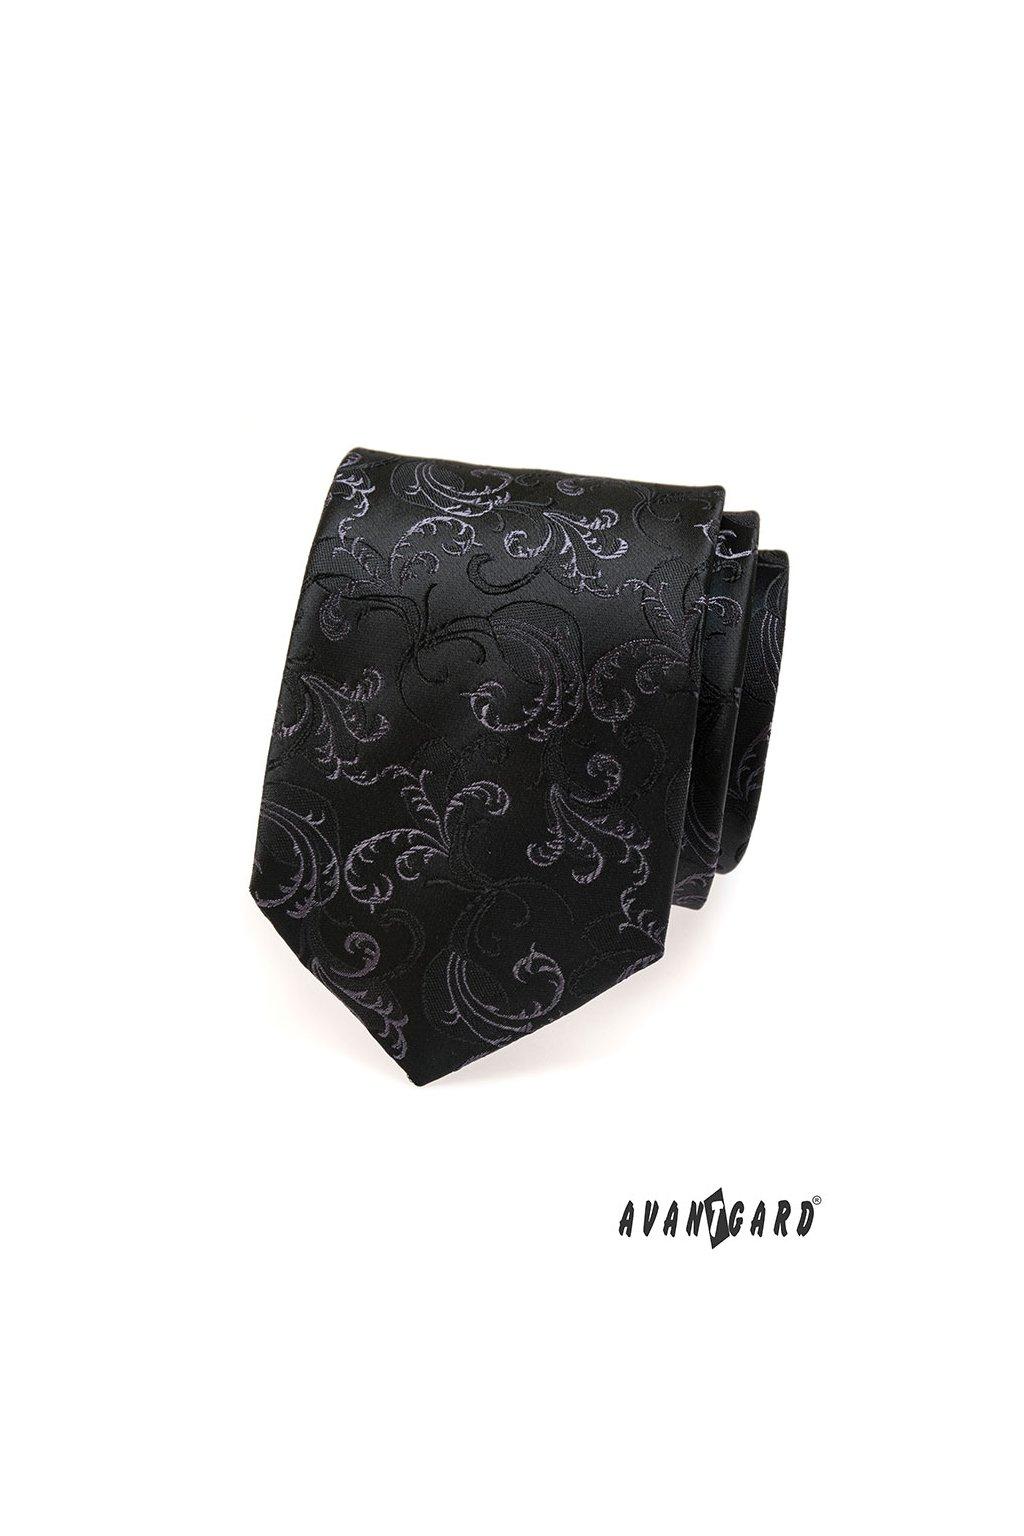 Černá luxusní kravata s plastickým ornamentem 561 - 13